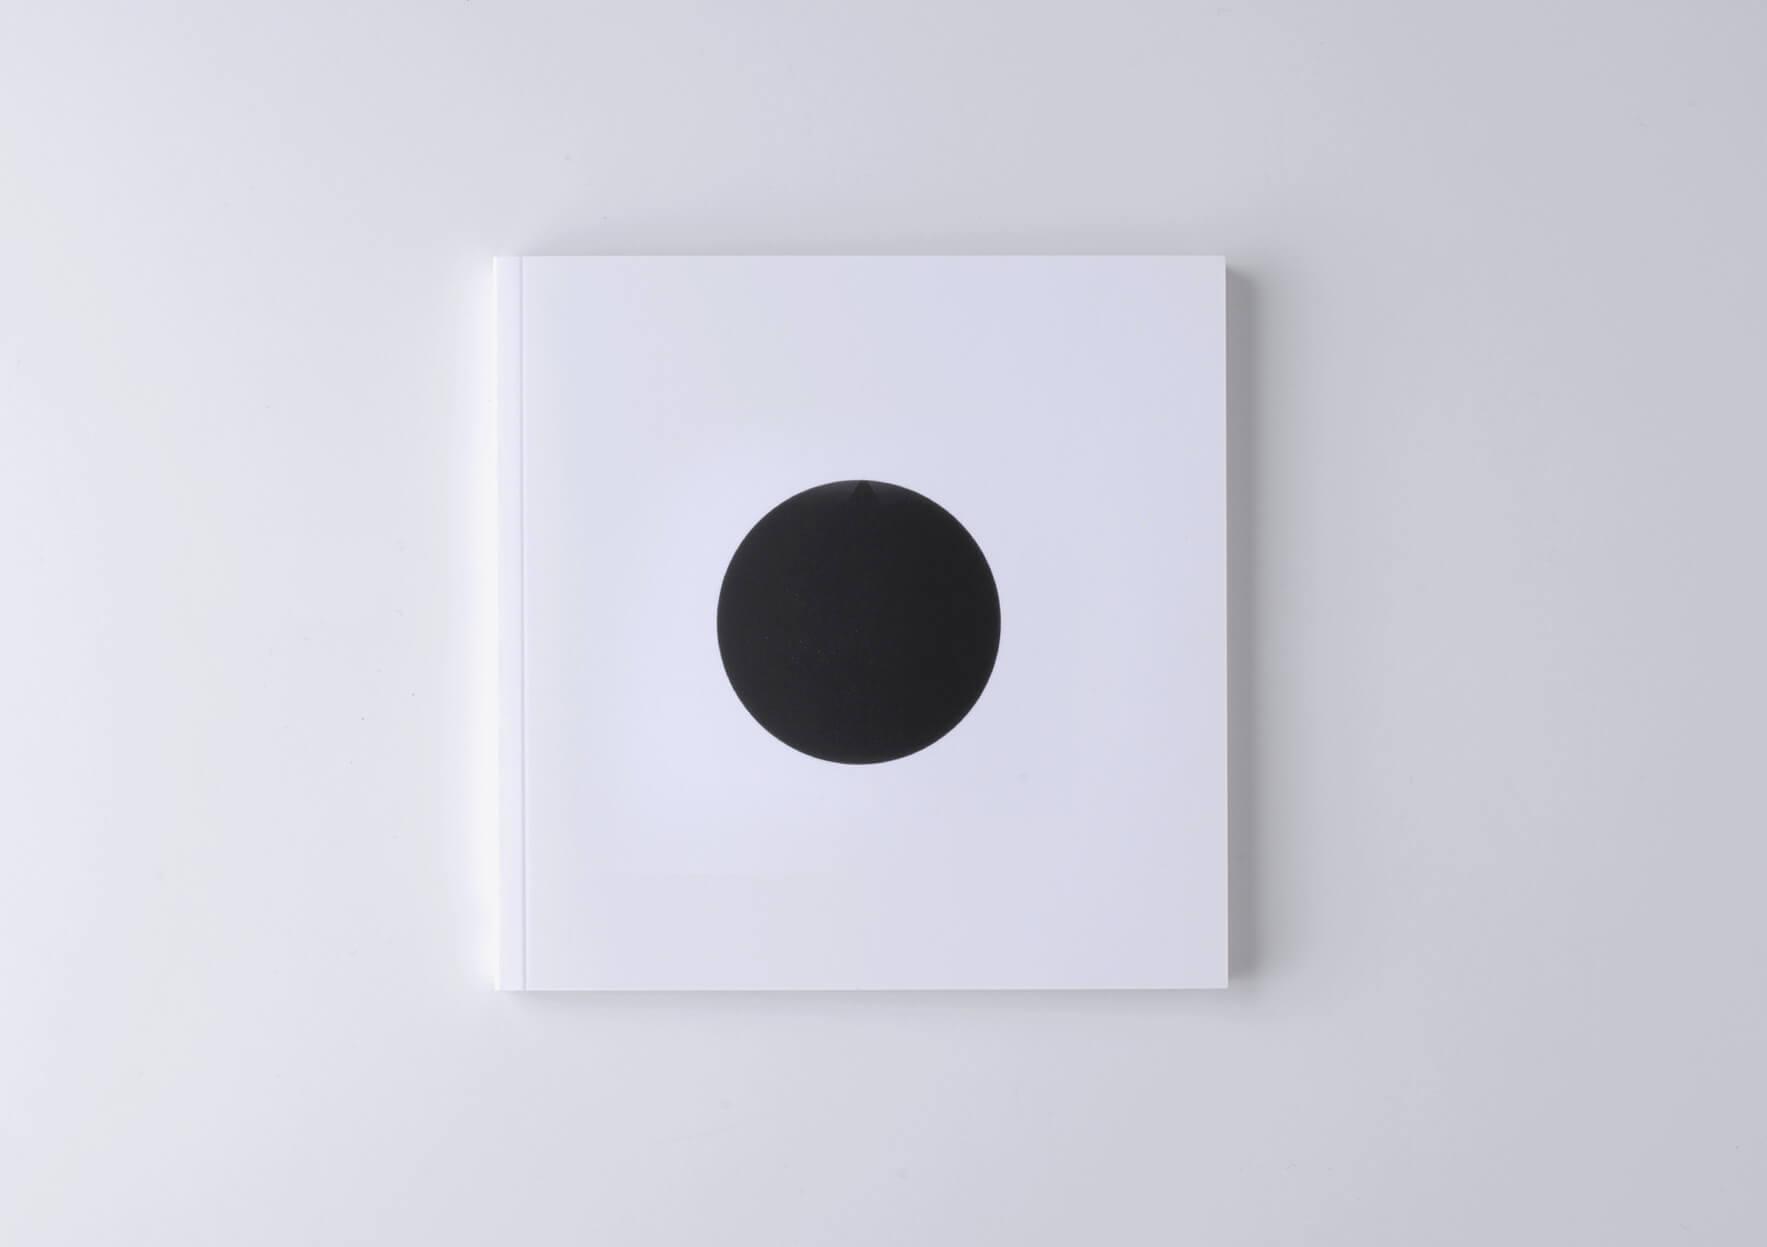 | The Circle | ProjecteSD